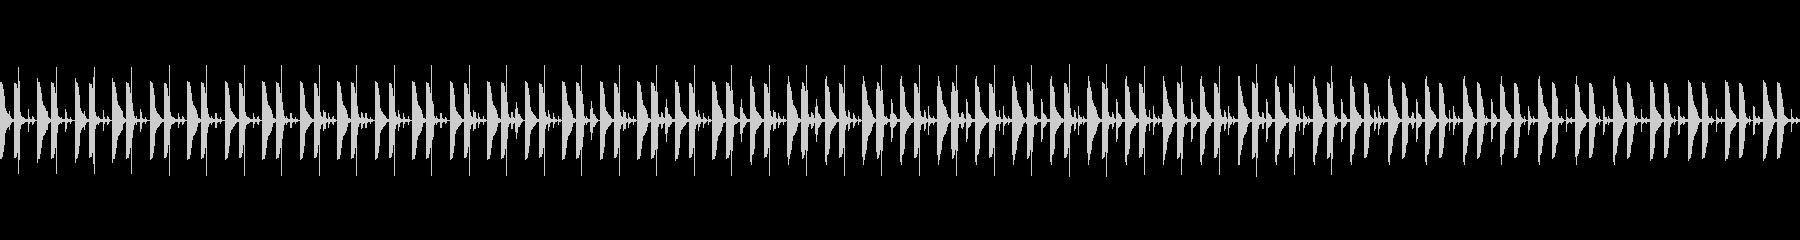 忍びこむドラムループ02の未再生の波形